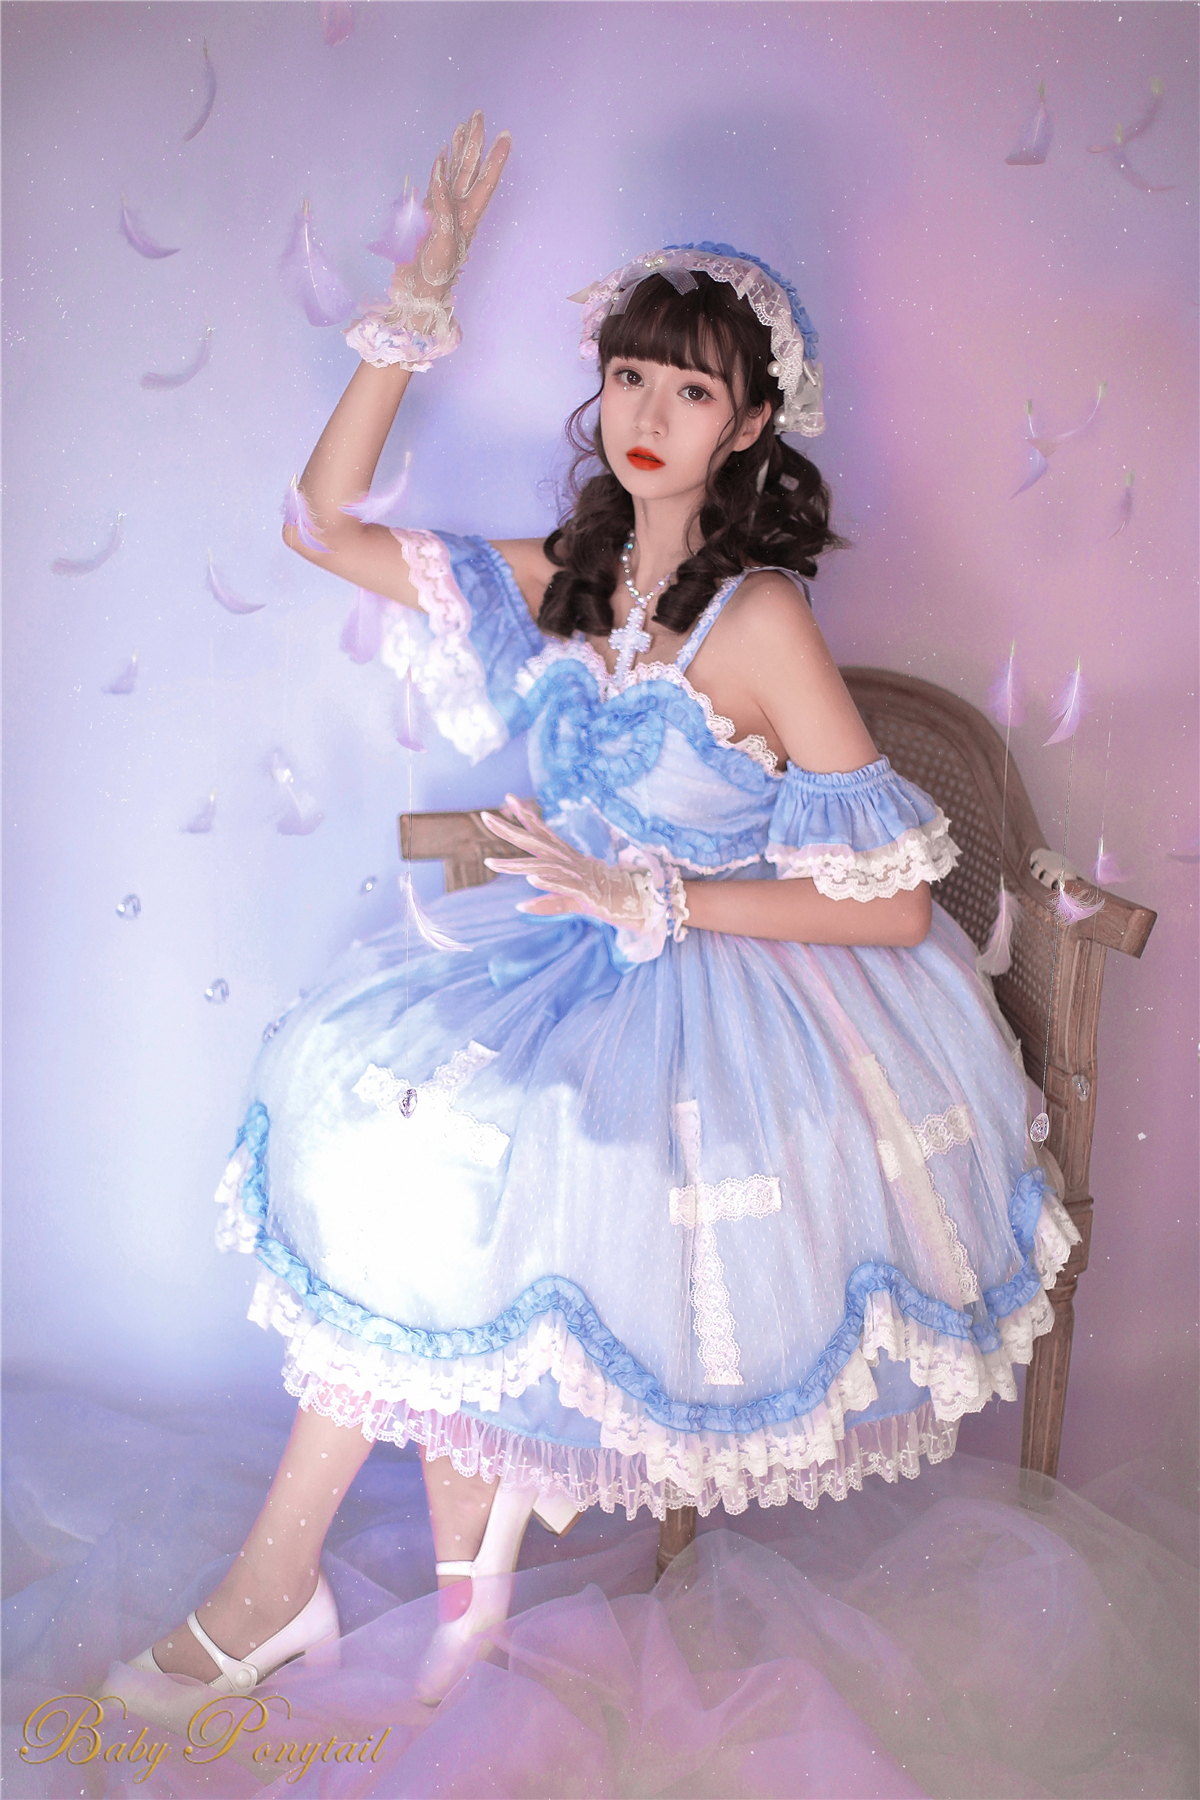 Babyponytail_Heavenly Teardrops_Model photo_JSK SAX_RUO QI_7.jpg